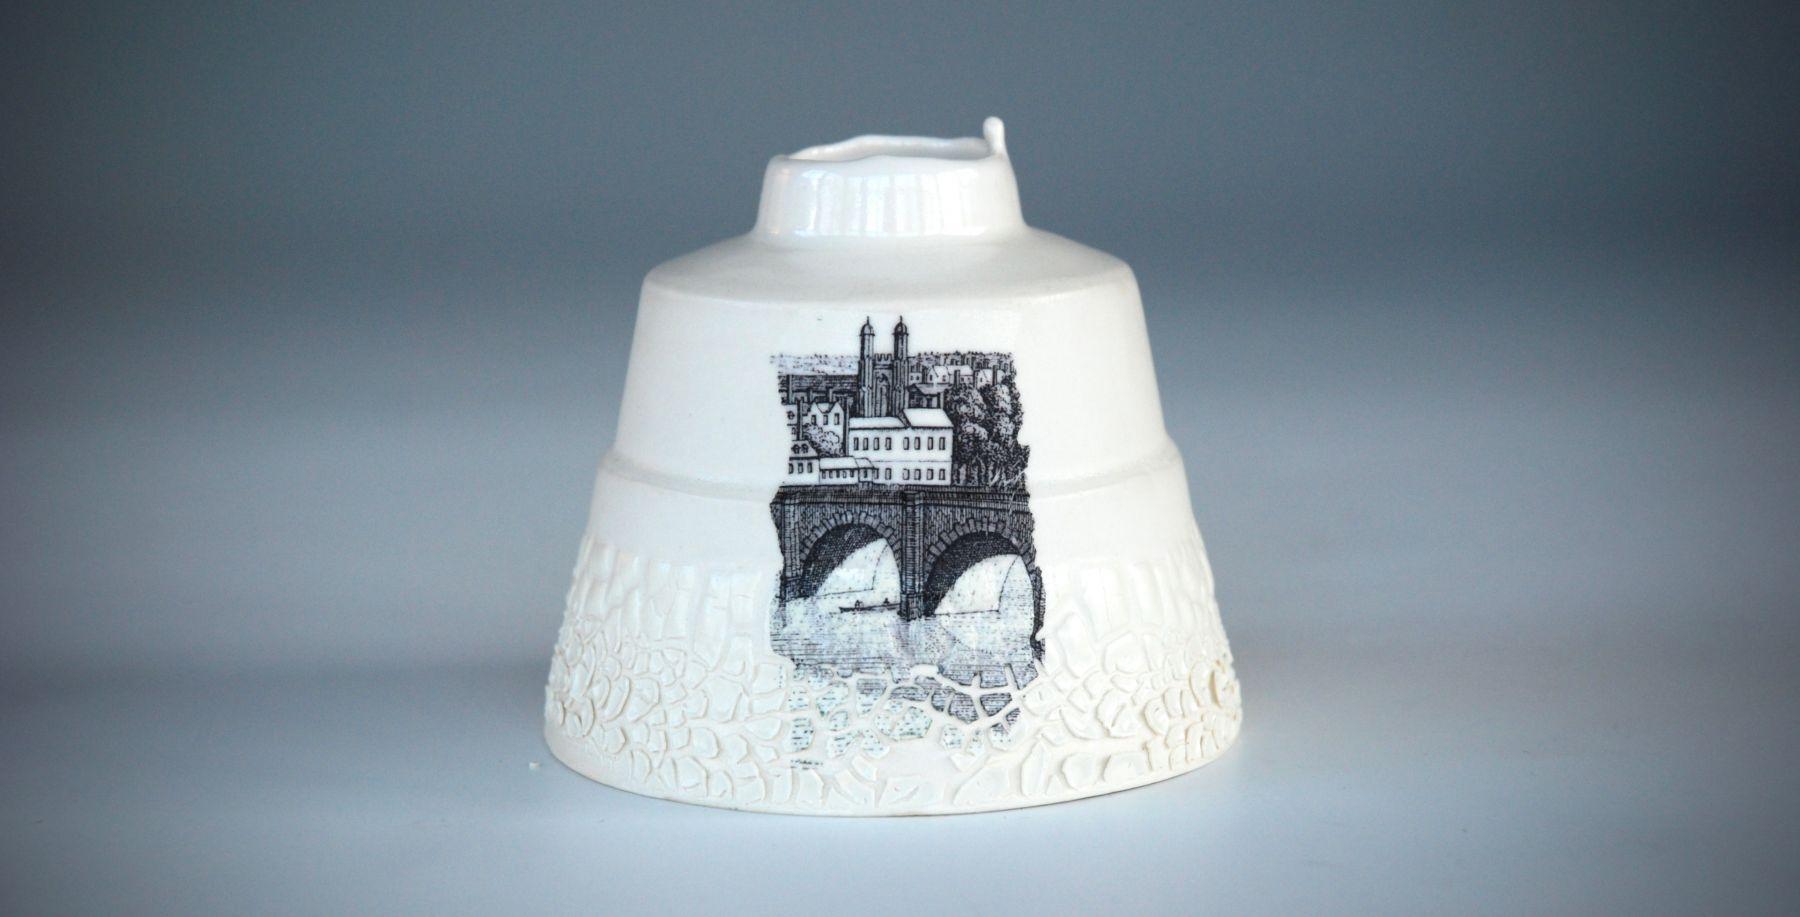 raewyn harrison ceramics bottle stoke old london art mudlarking